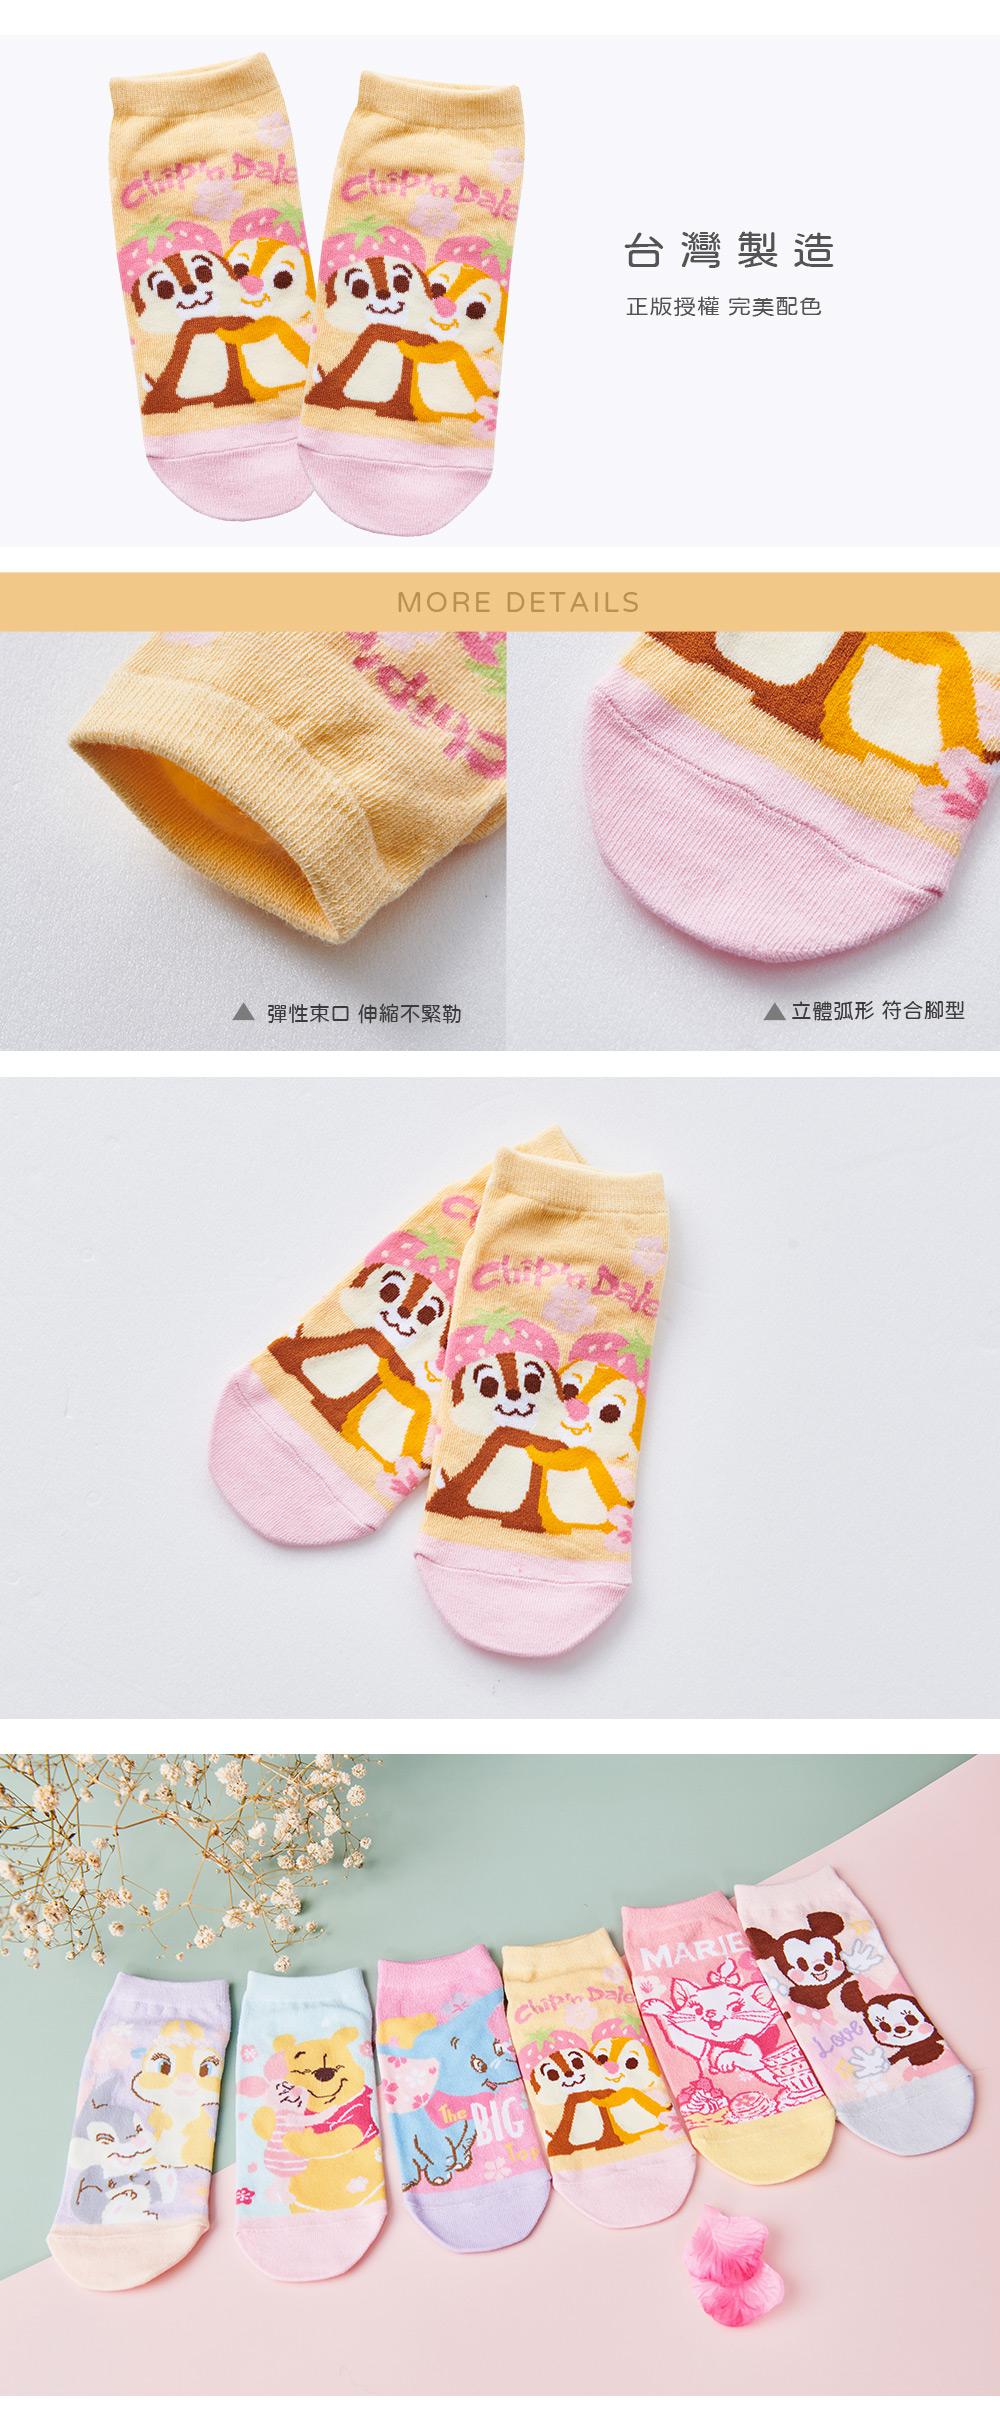 奇奇蒂蒂櫻花系列直版襪-22